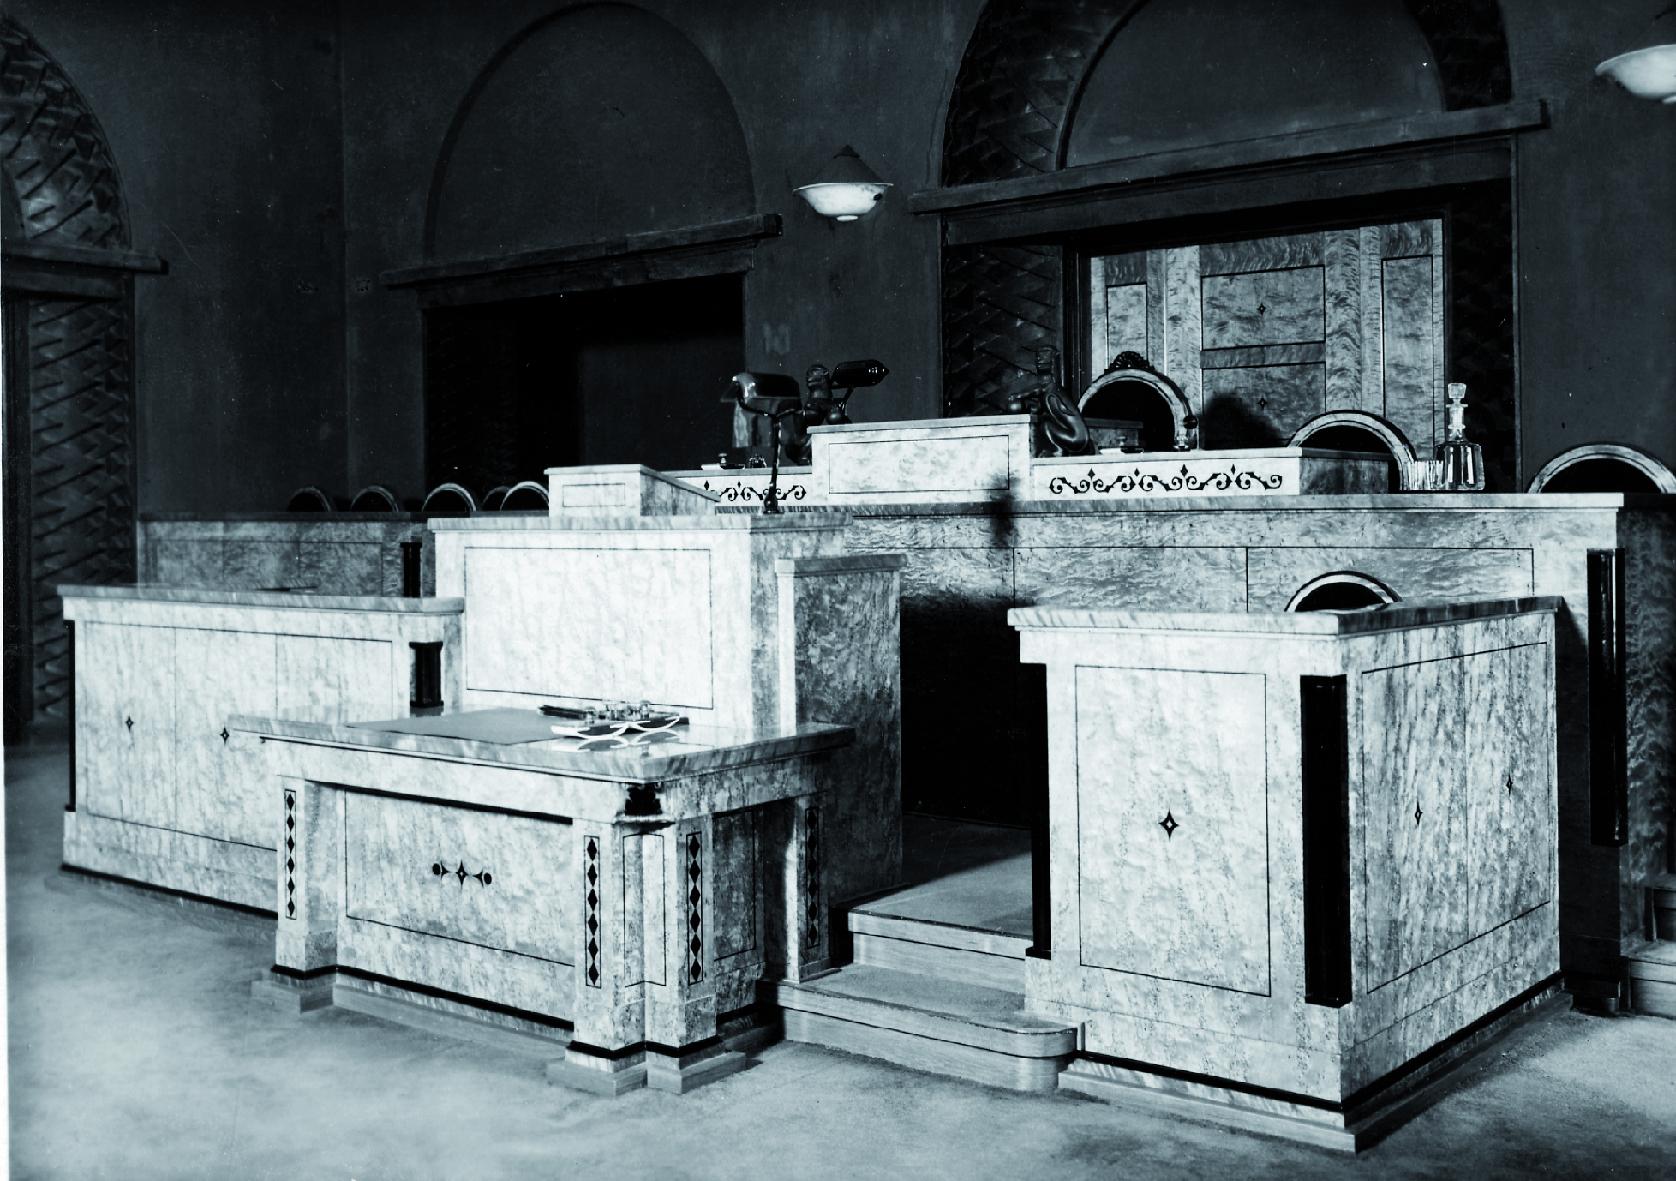 Riigivolikogu juhatuse töökoht Riigikogu istungisaalis 1938. aastal. Foto: Kaido Haagen, Peeter Laurits, Arne Maasik, Peeter Säre